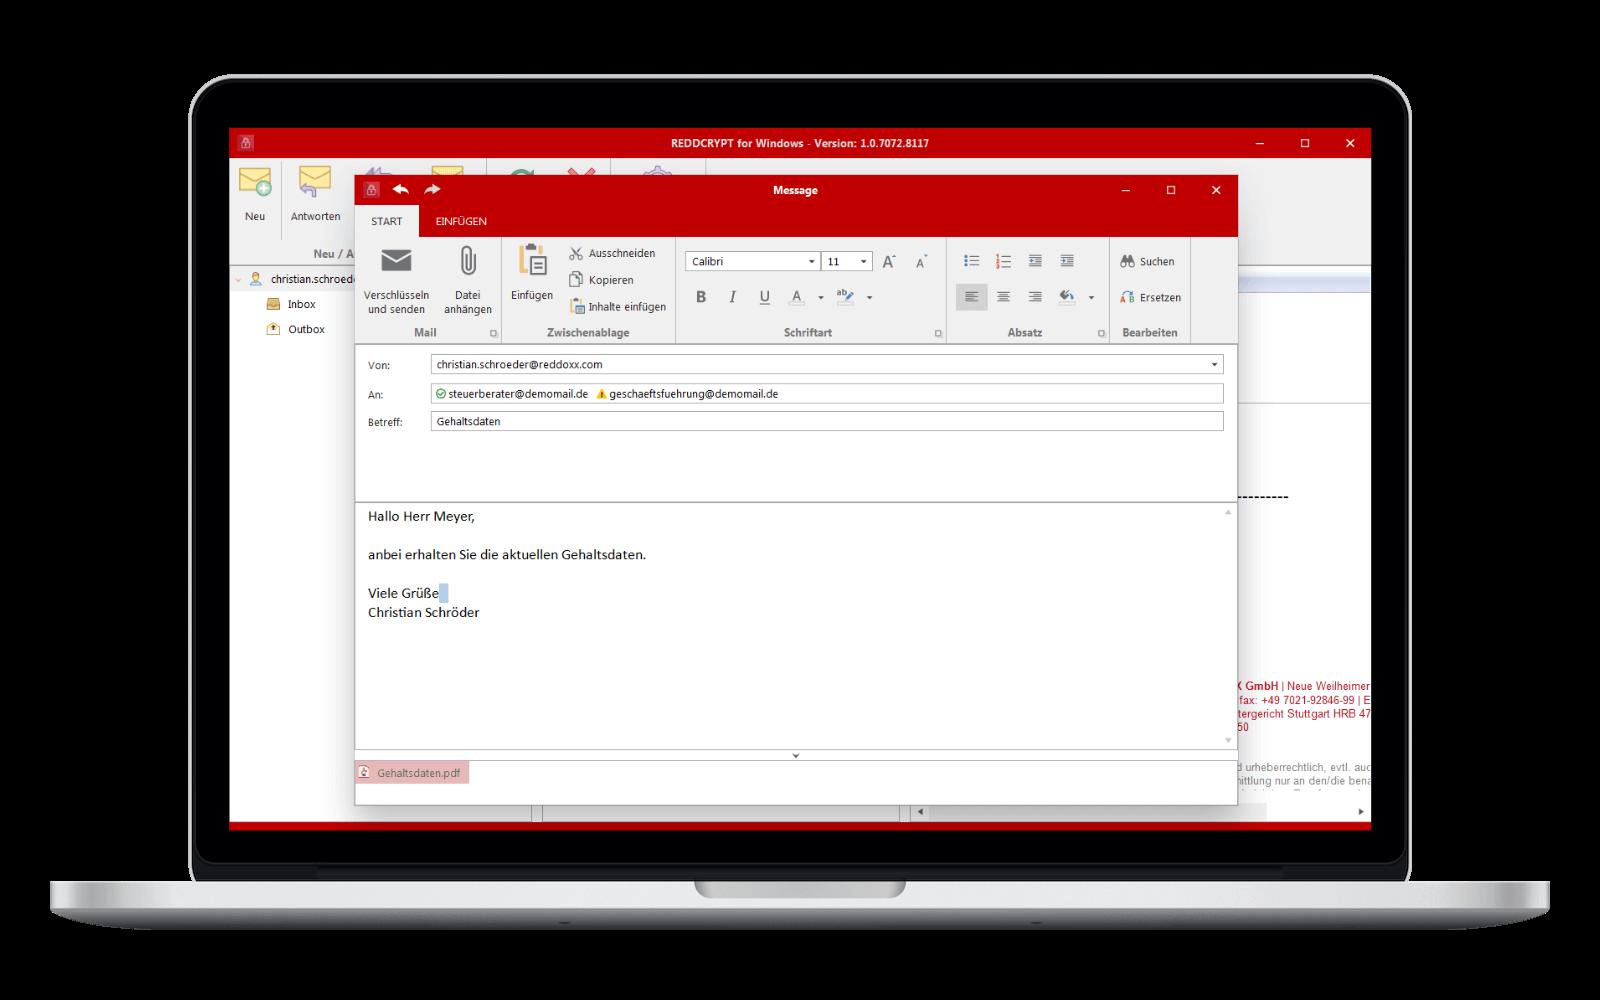 Die Windows App von REDDCRYPT stellt sich wie ein Mailclient dar und ist dadurch intuitiv bedienbar